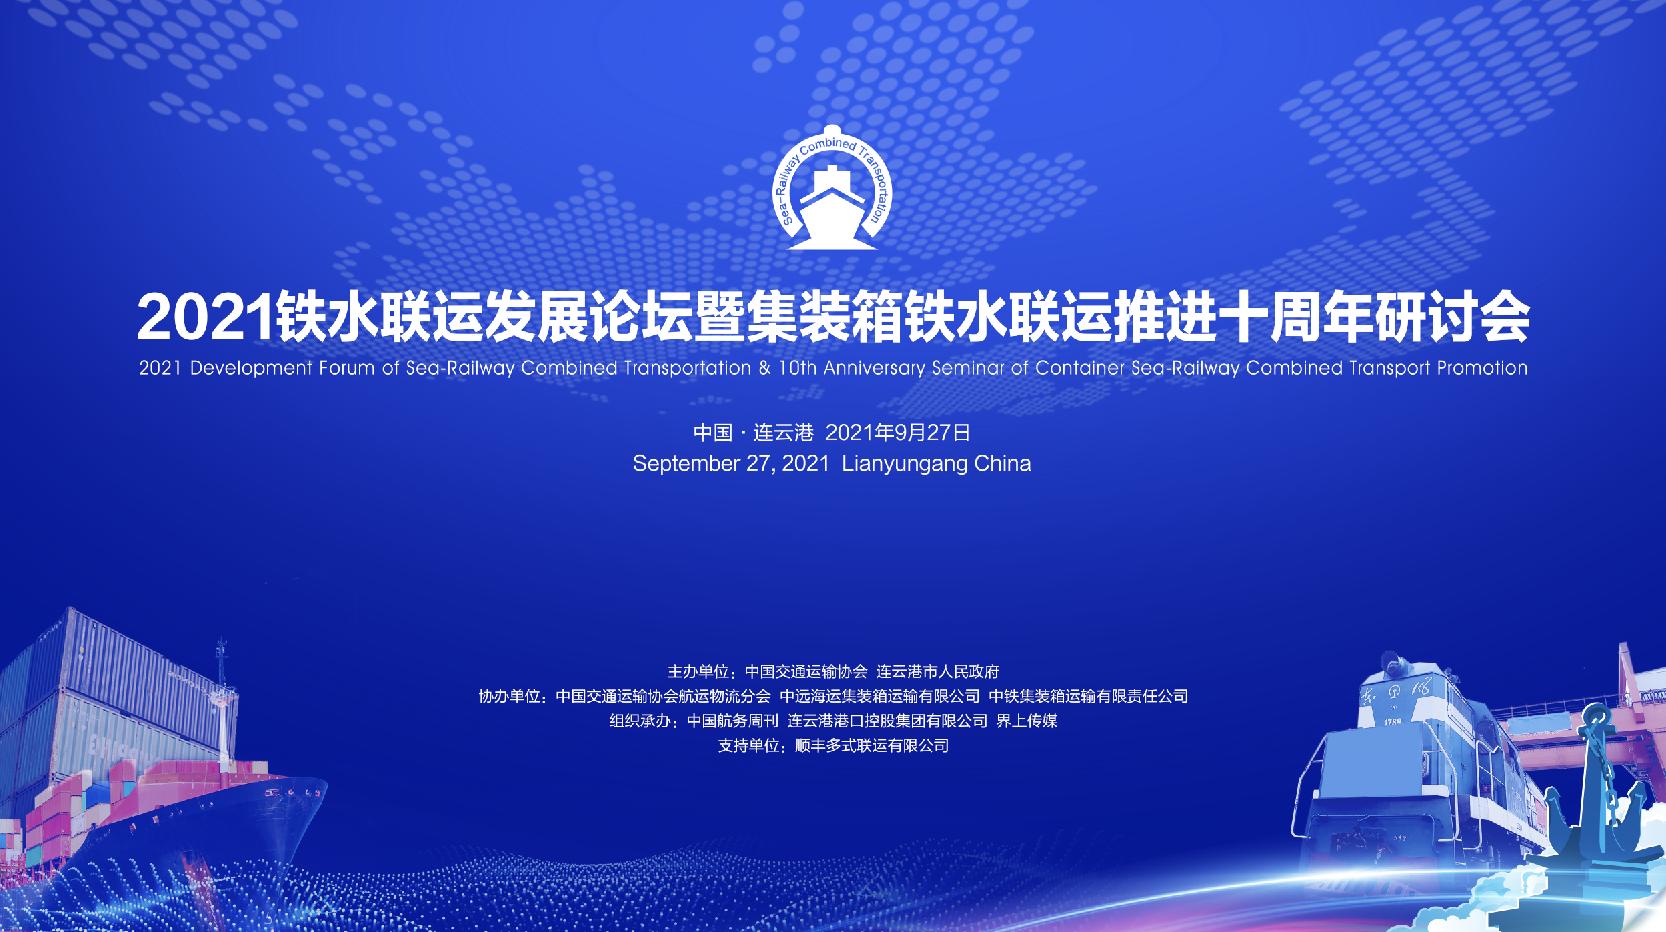 【物流+直播】2021铁水联运发展论坛暨集装箱铁水联运推进十周年研讨会